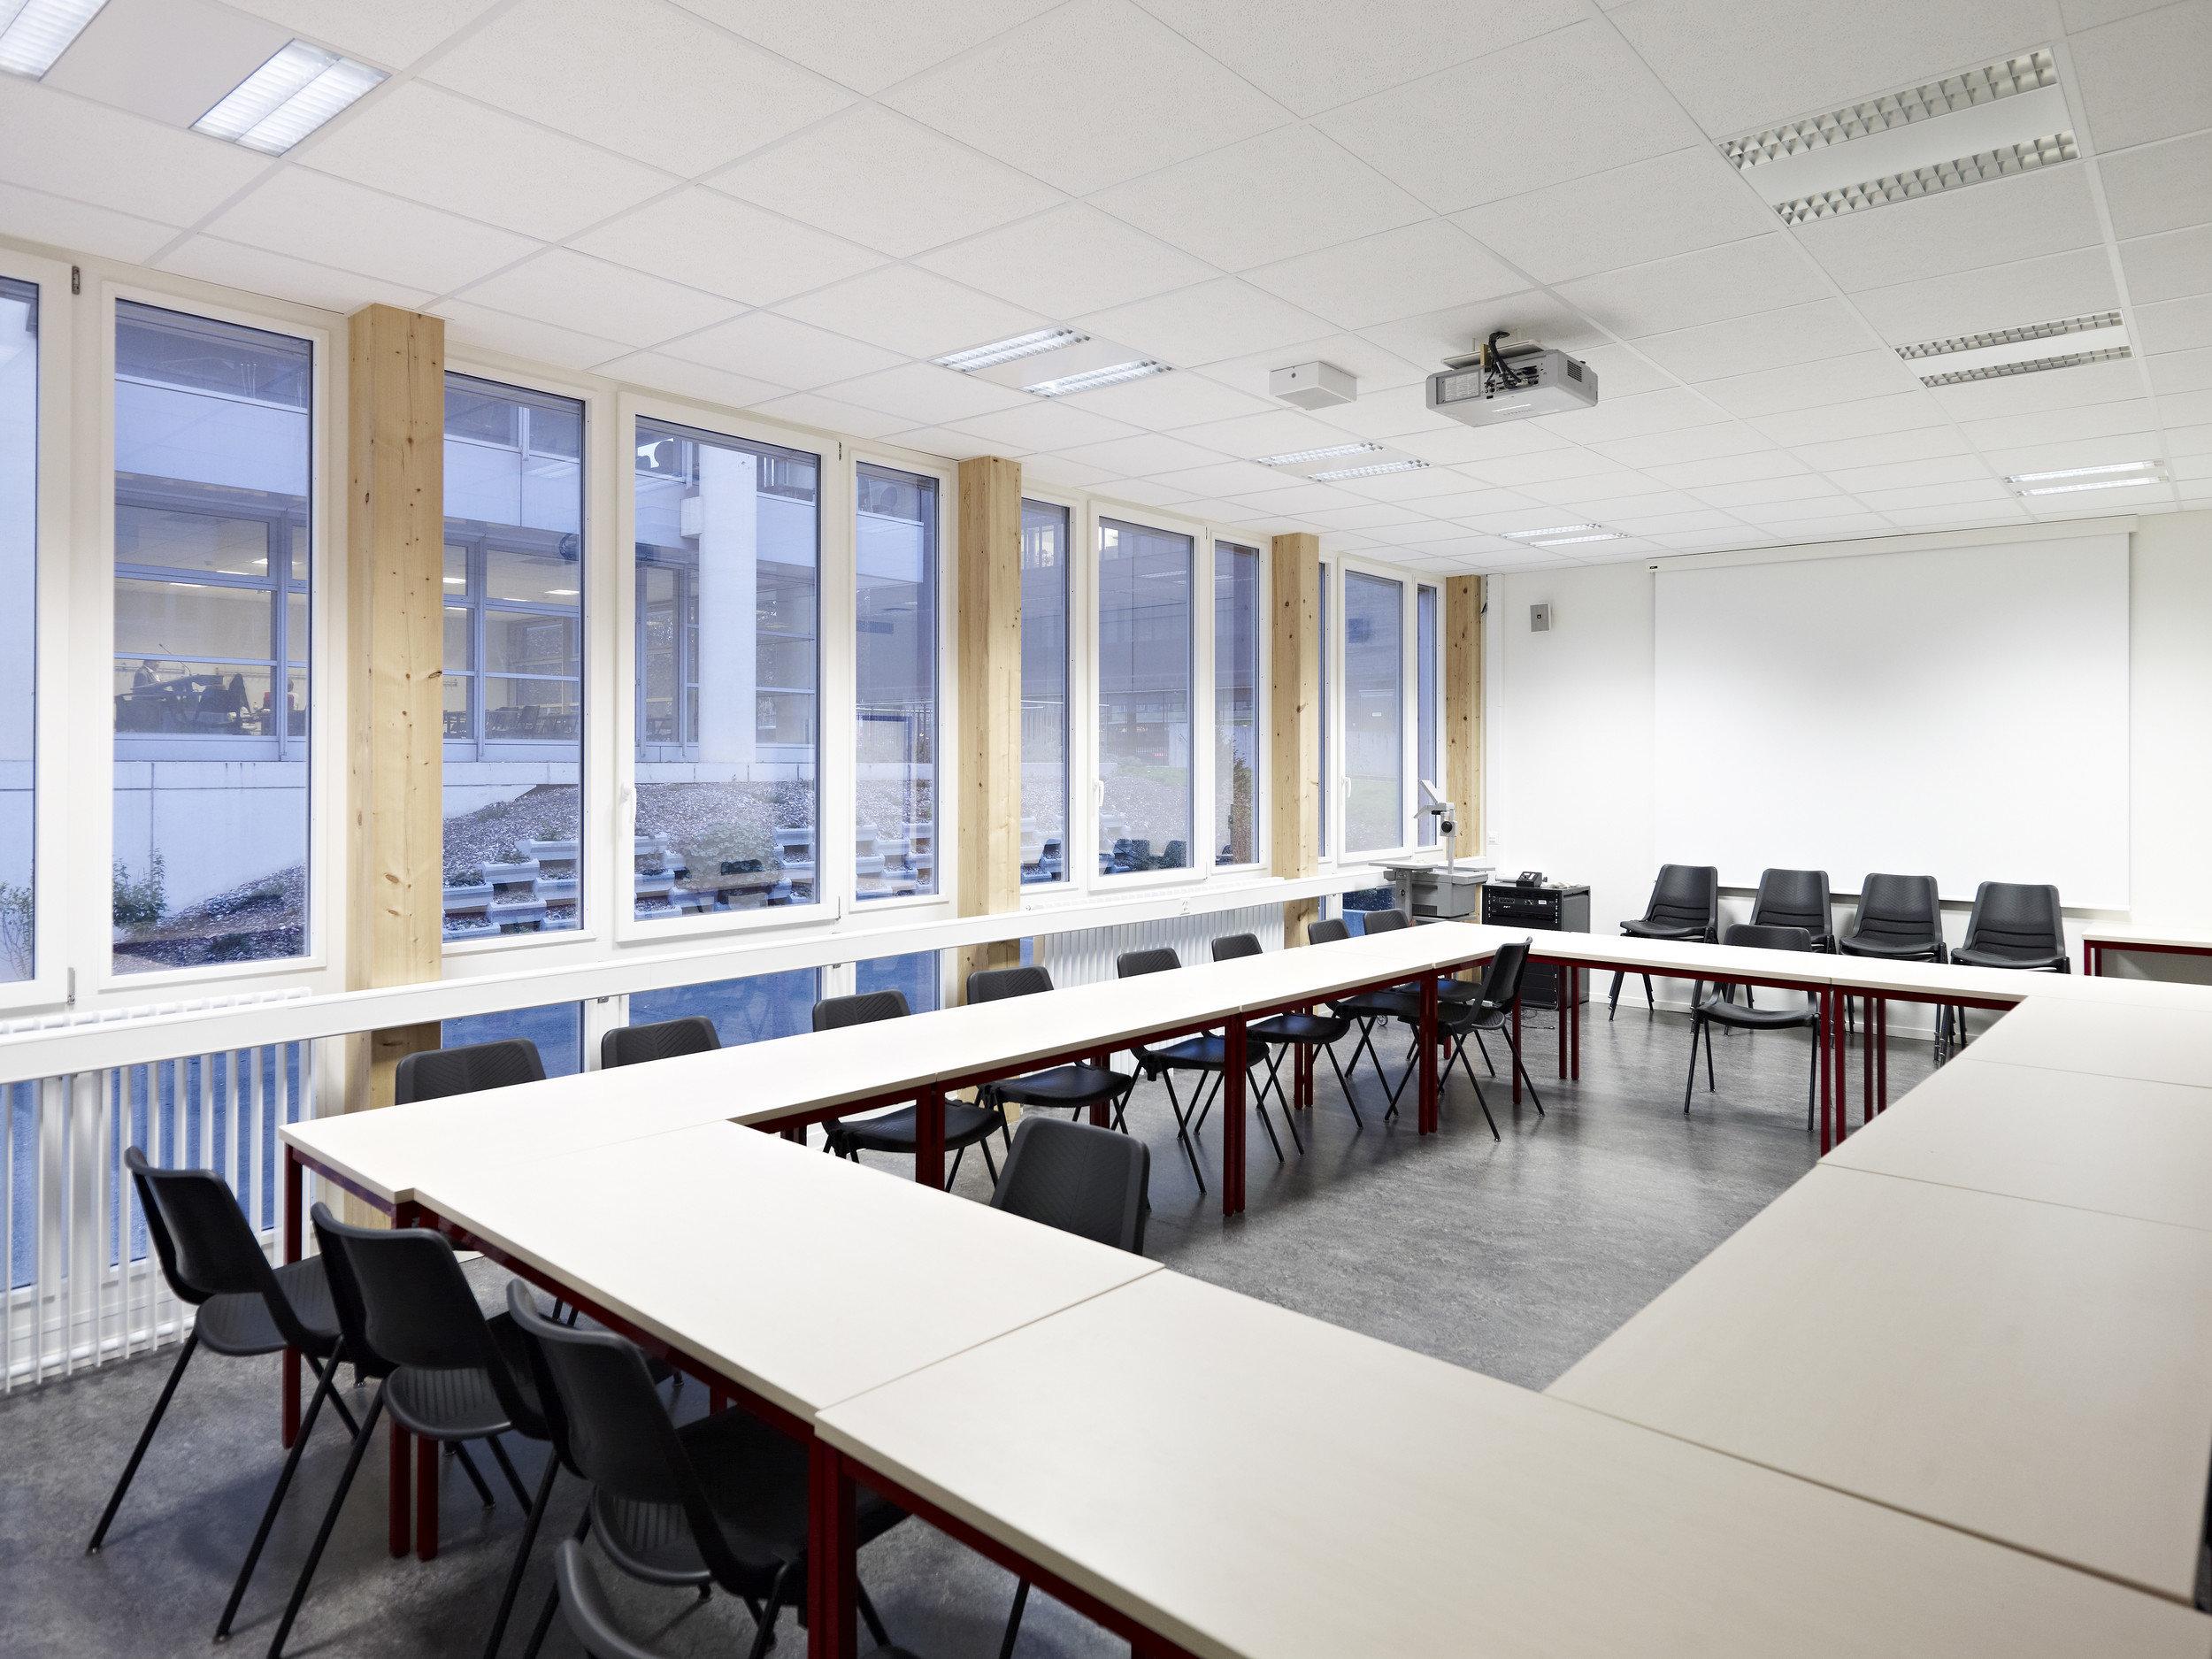 bestuhltes Besprechungszimmer mit mehrteiligen Fensterelementen